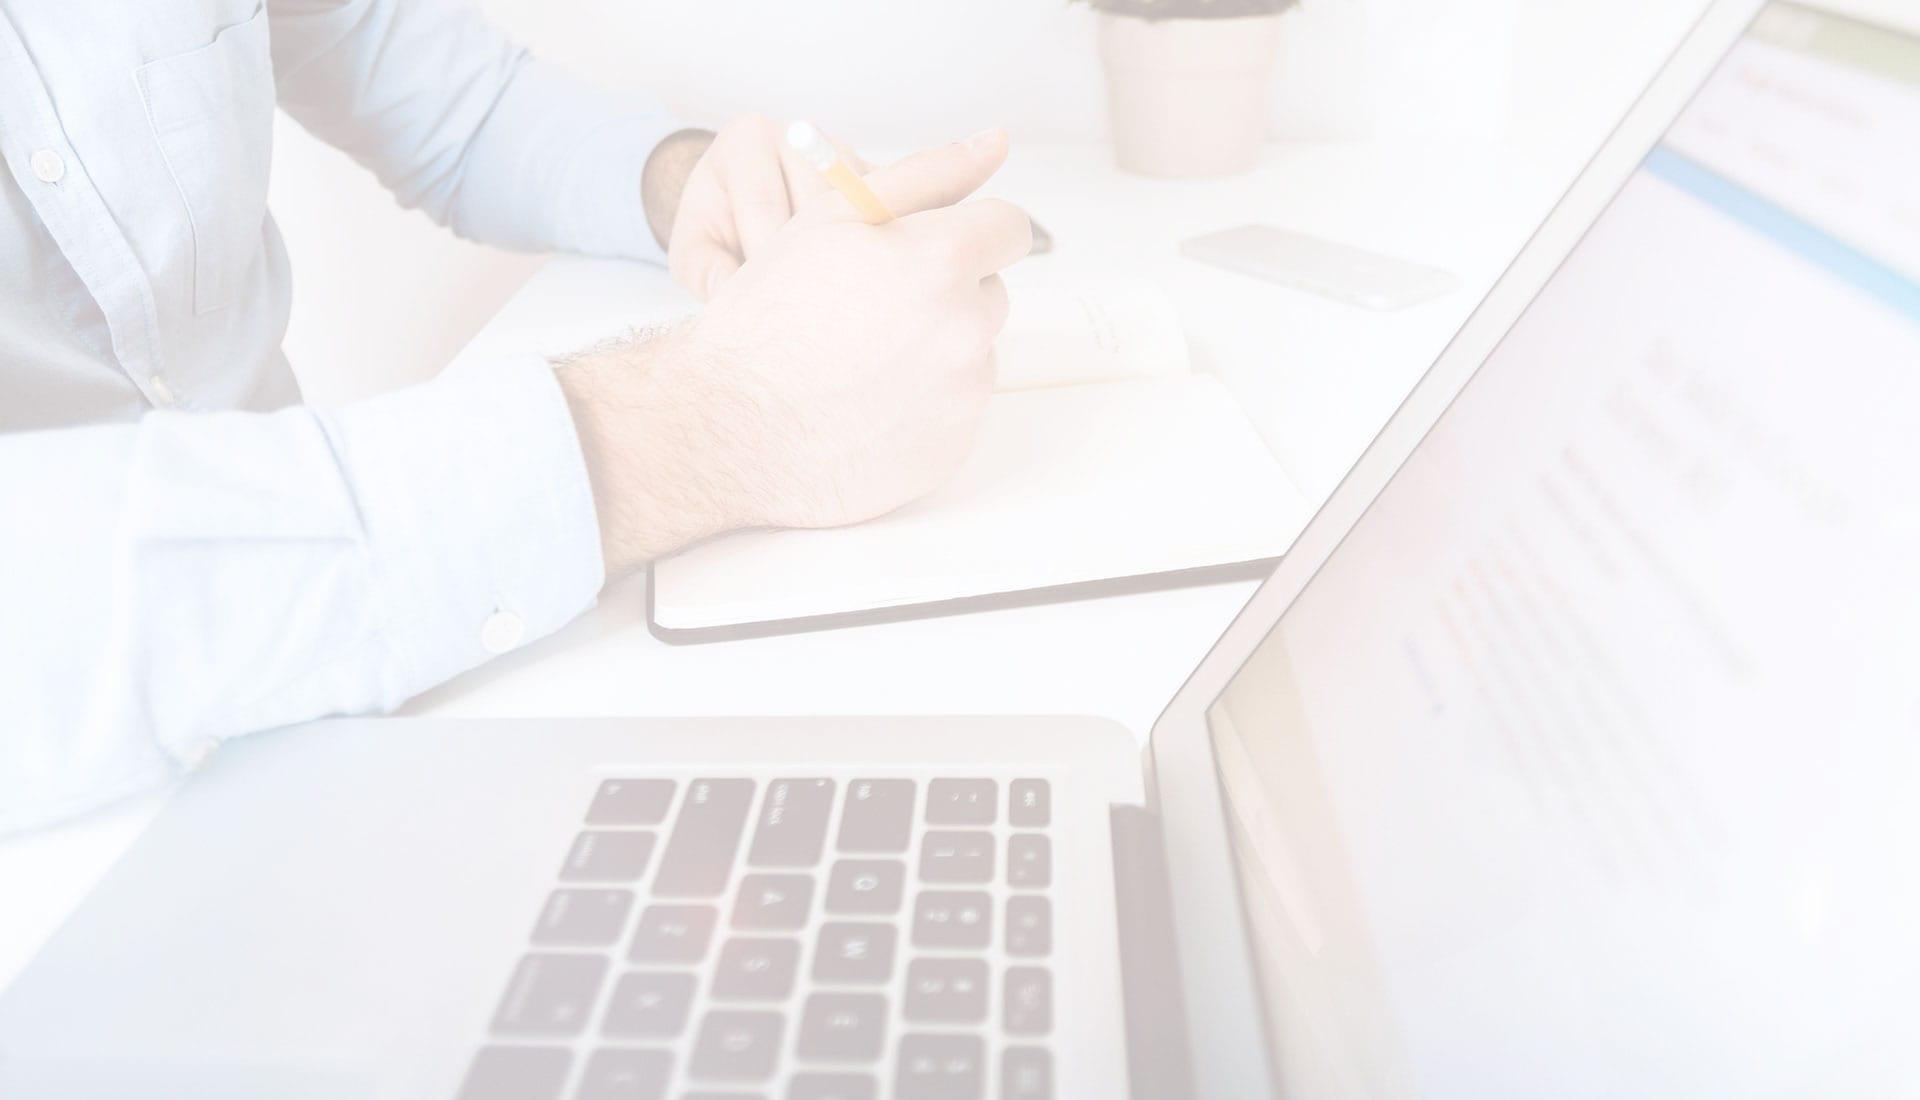 Usuario con ordenador portátil